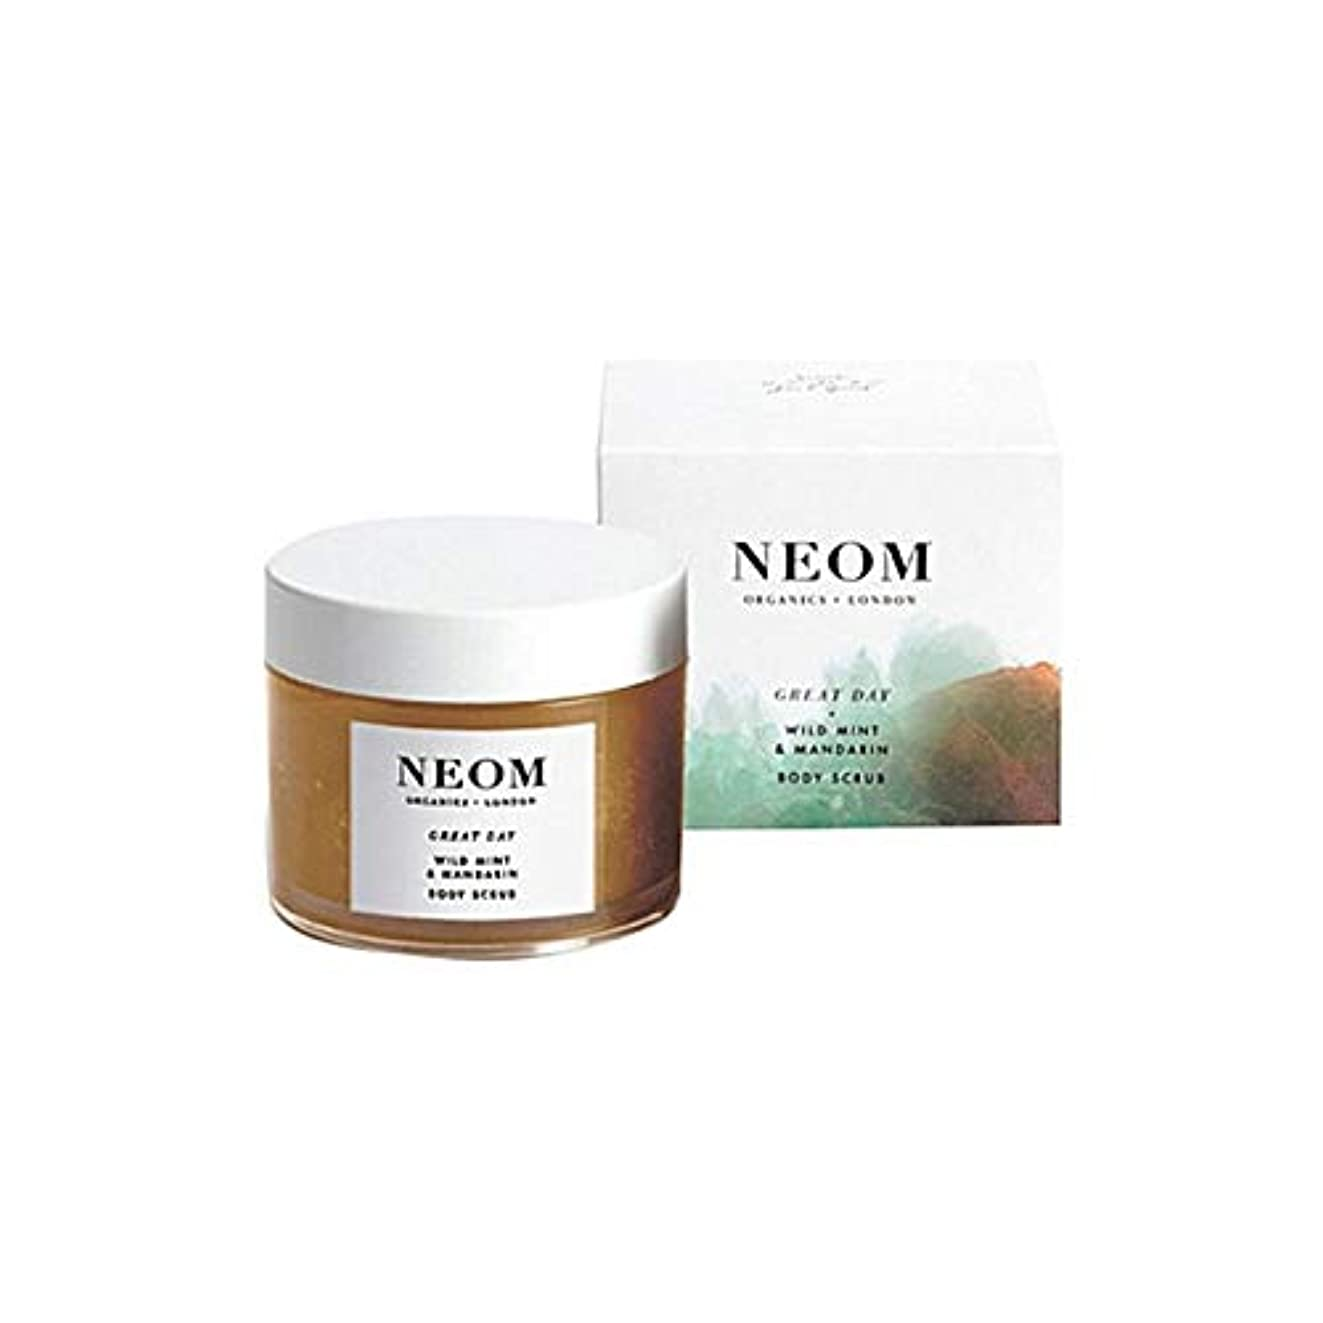 崇拝します瞳参照する[Neom] Neom高級有機物素晴らしい一日ボディスクラブ332グラム - Neom Luxury Organics Great Day Body Scrub 332G [並行輸入品]